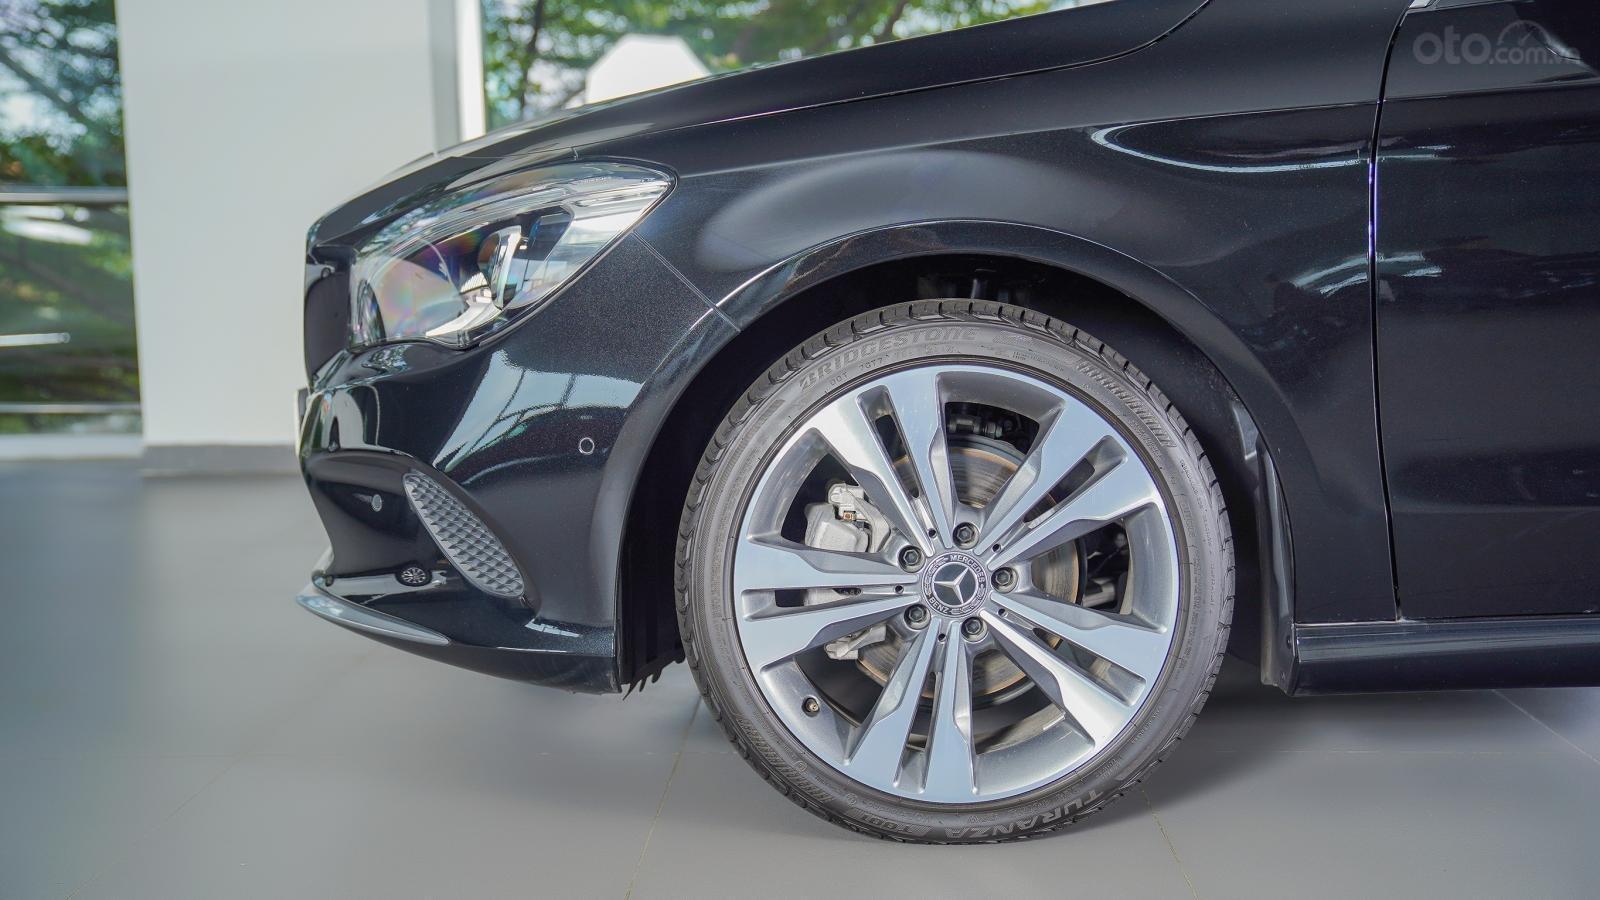 Bán Mercedes CLA 200 2017 cũ nhập khẩu, gía 1.459 tỷ, giảm 319 triệu (9)